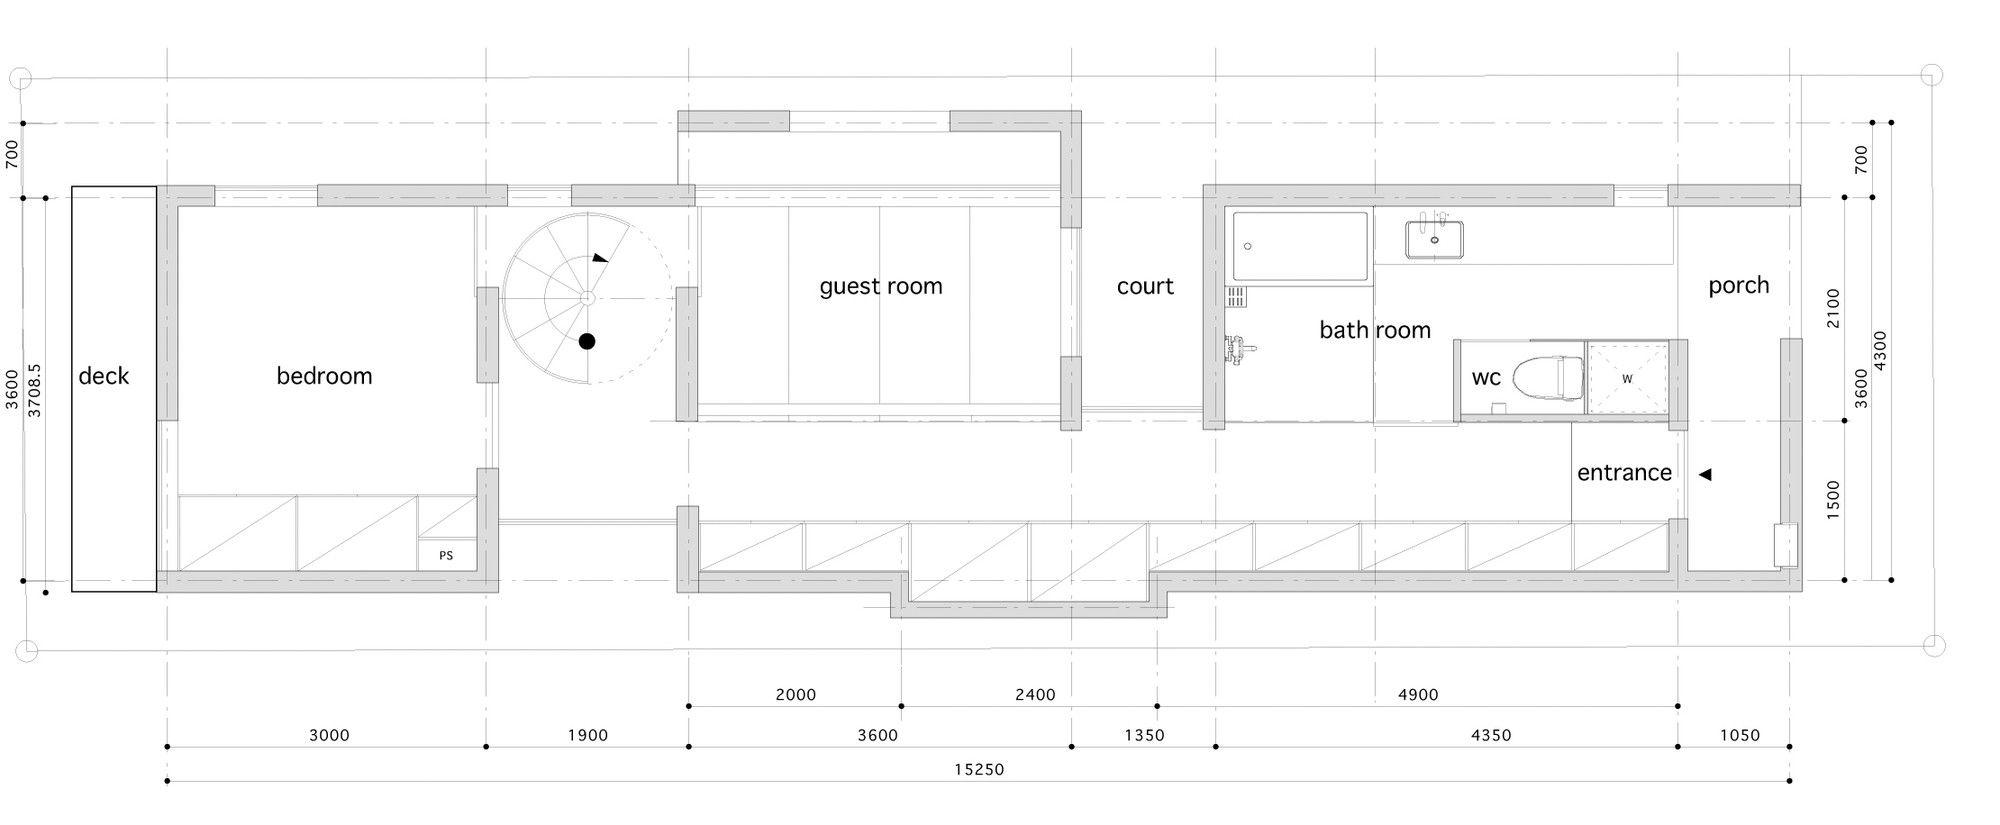 Dise os de casas construidas en terrenos angostos y largos for Distribuir casa planos